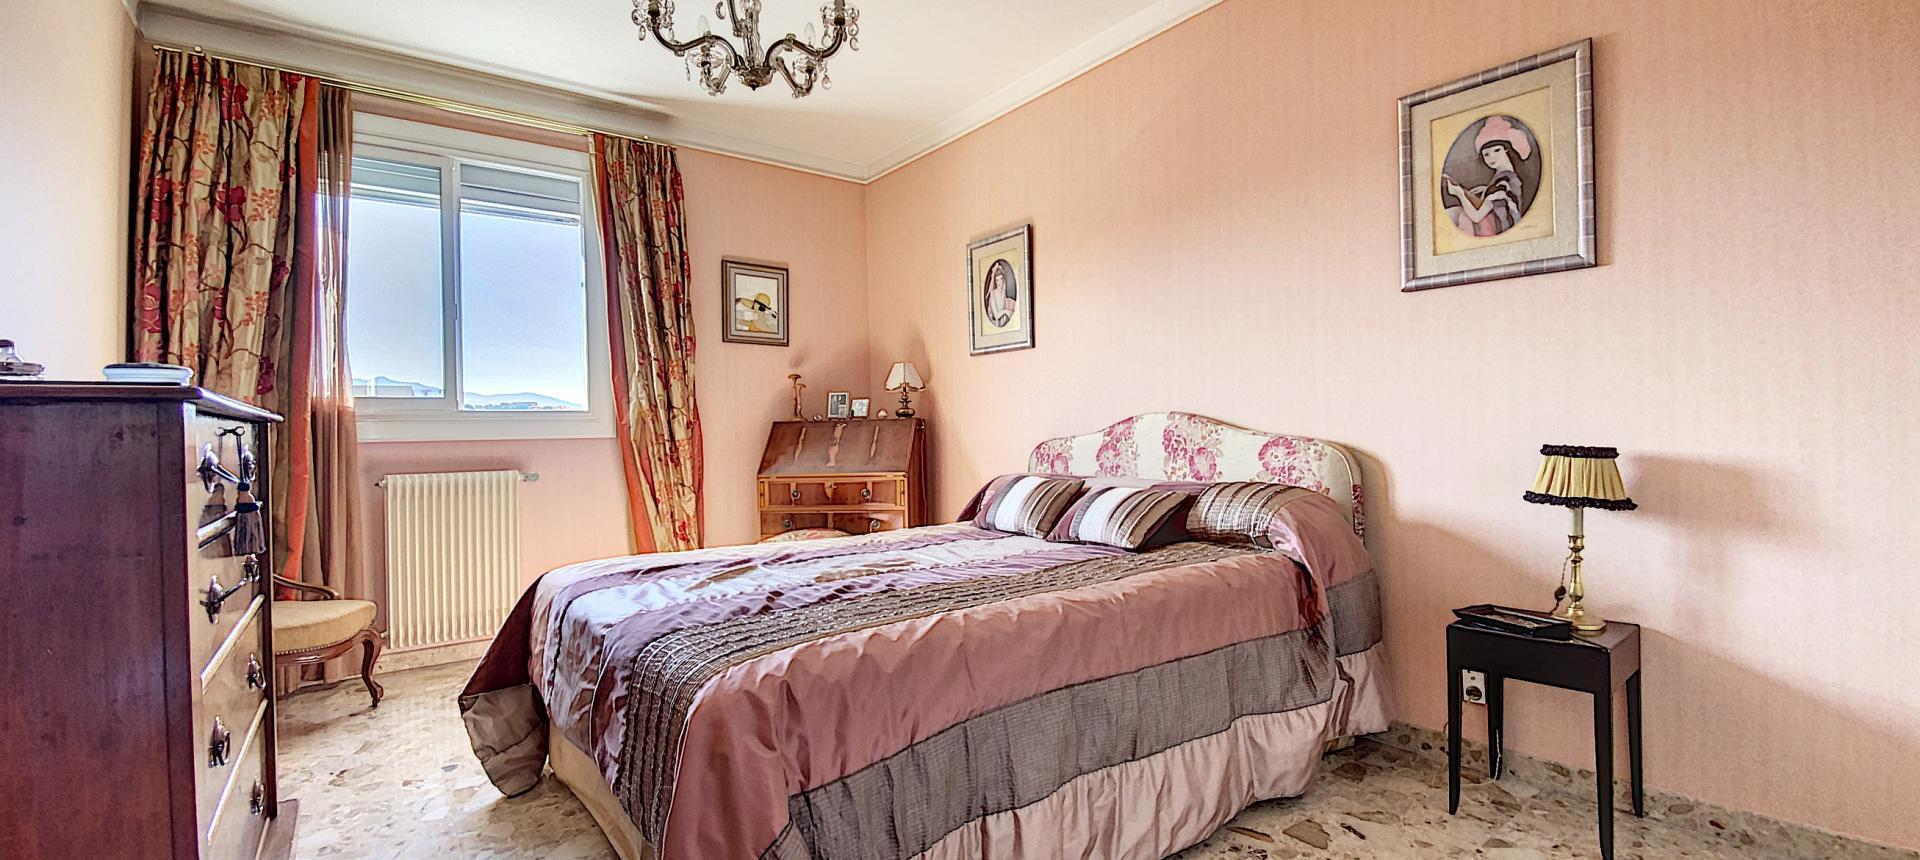 F3 à vendre à ajaccio Parc-Azur chambre 1